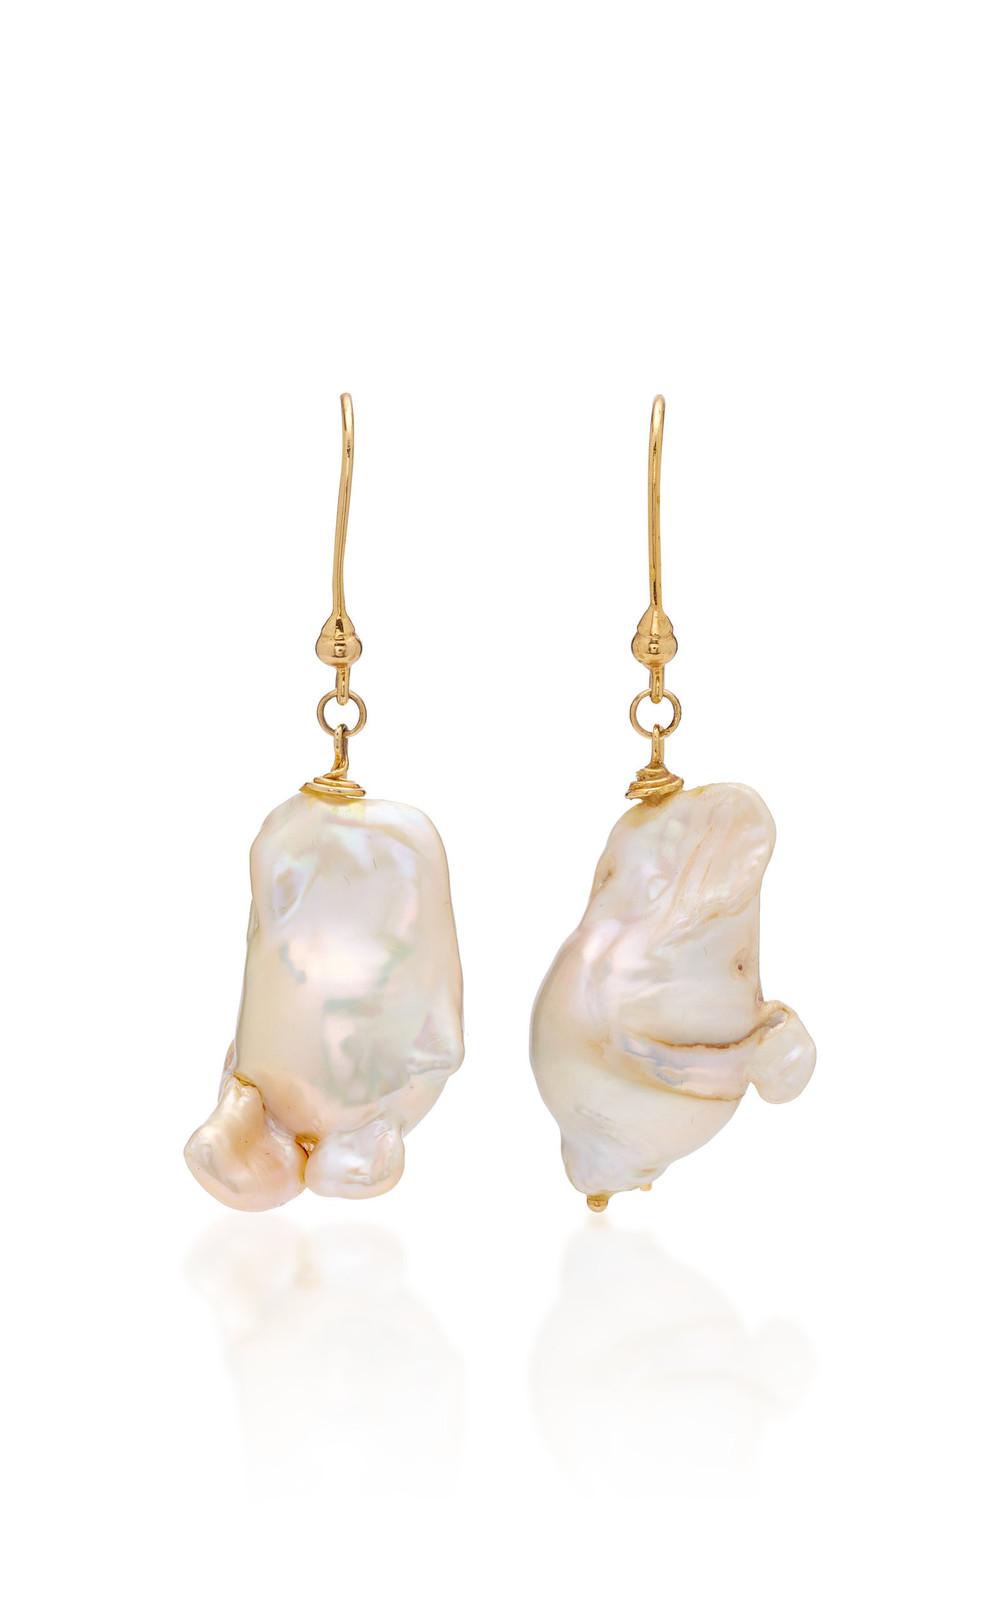 Ranjana Khan Pearl Drop Earrings in white